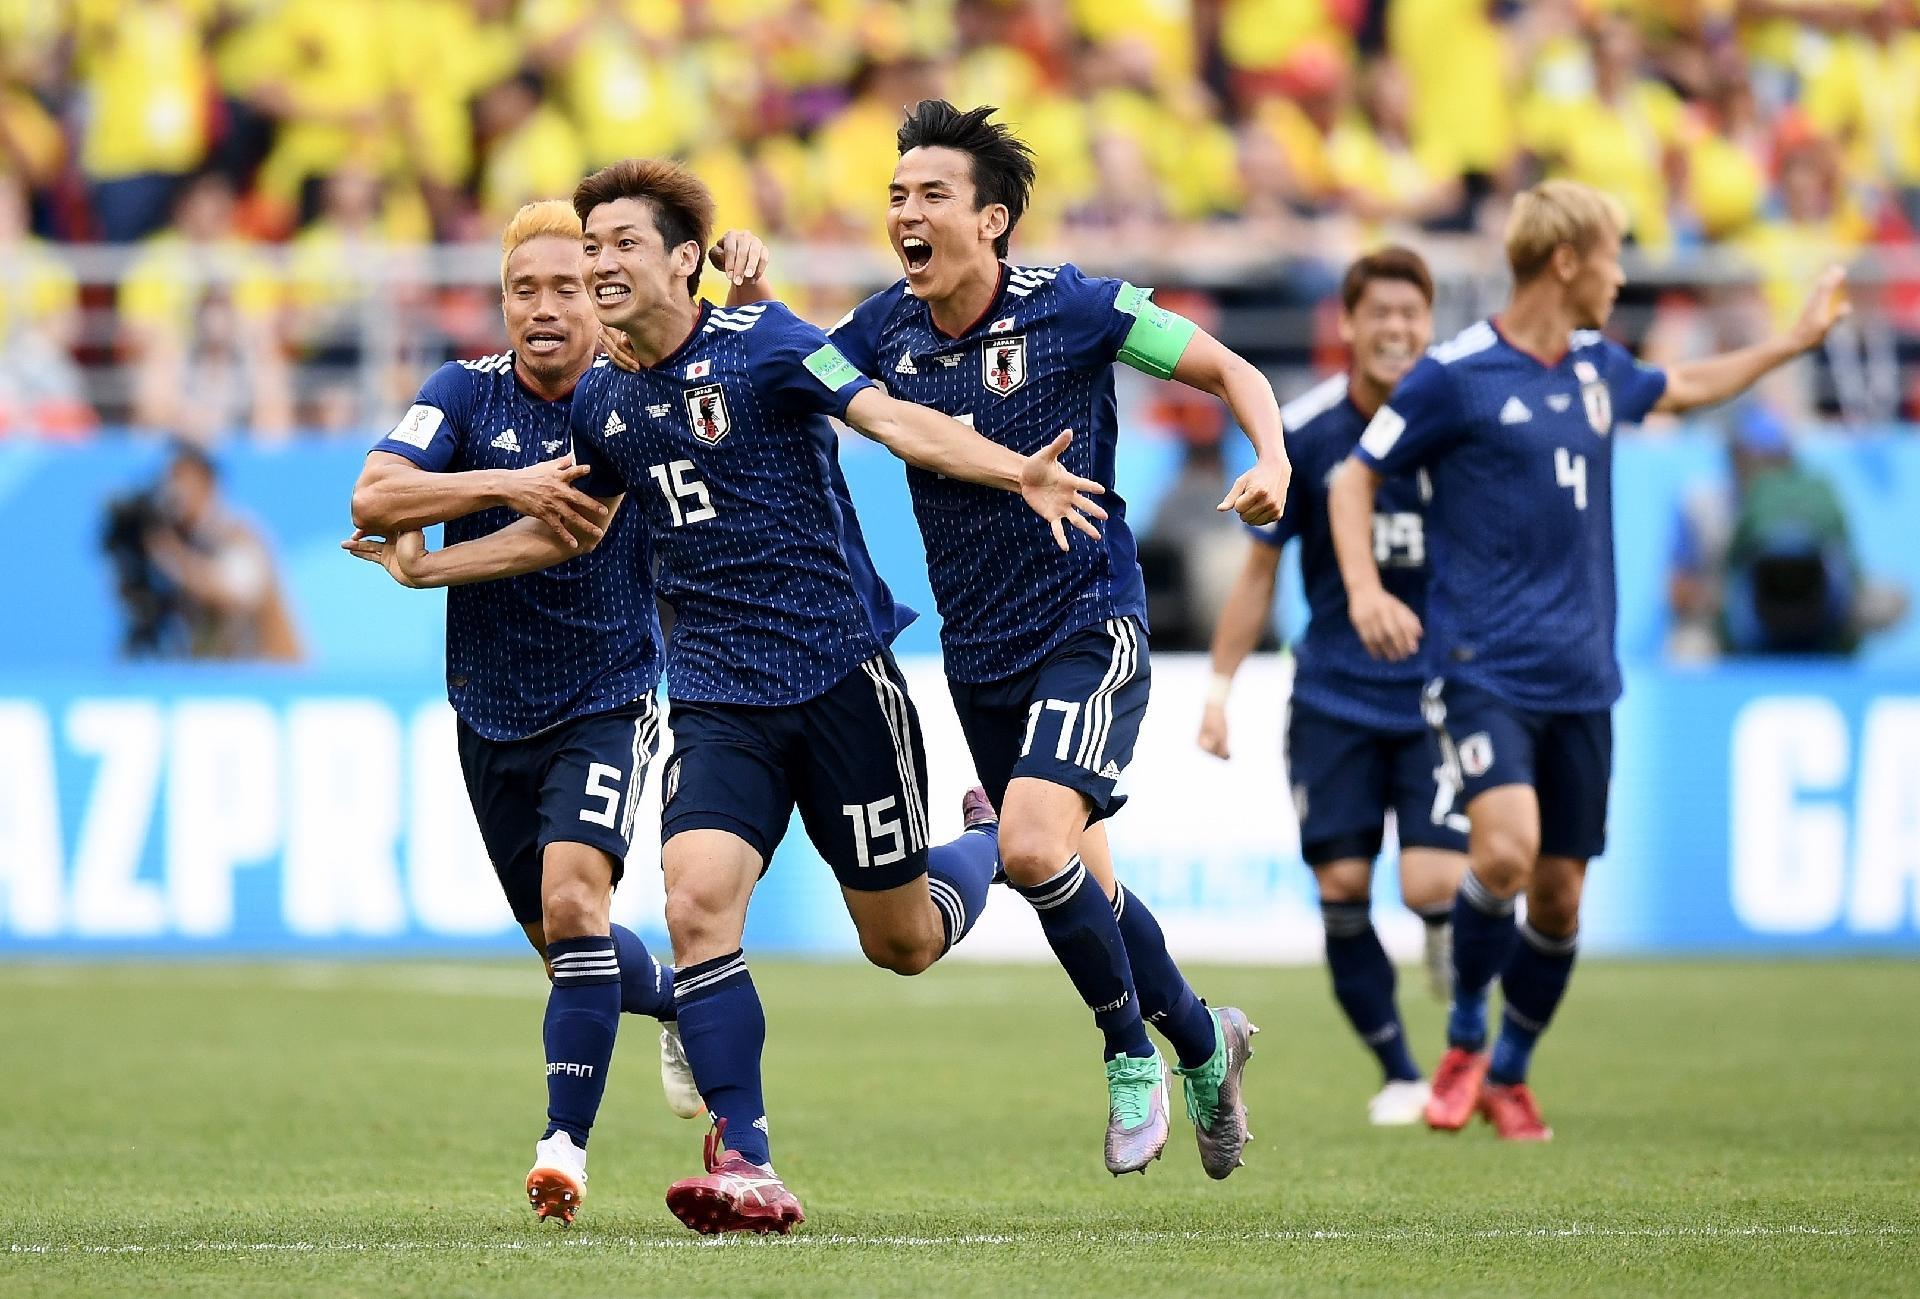 Colômbia X Japão  Japão aproveita expulsão no início e surpreende a  Colômbia em estreia - UOL Copa do mundo 2018 2a17e7aba6d04